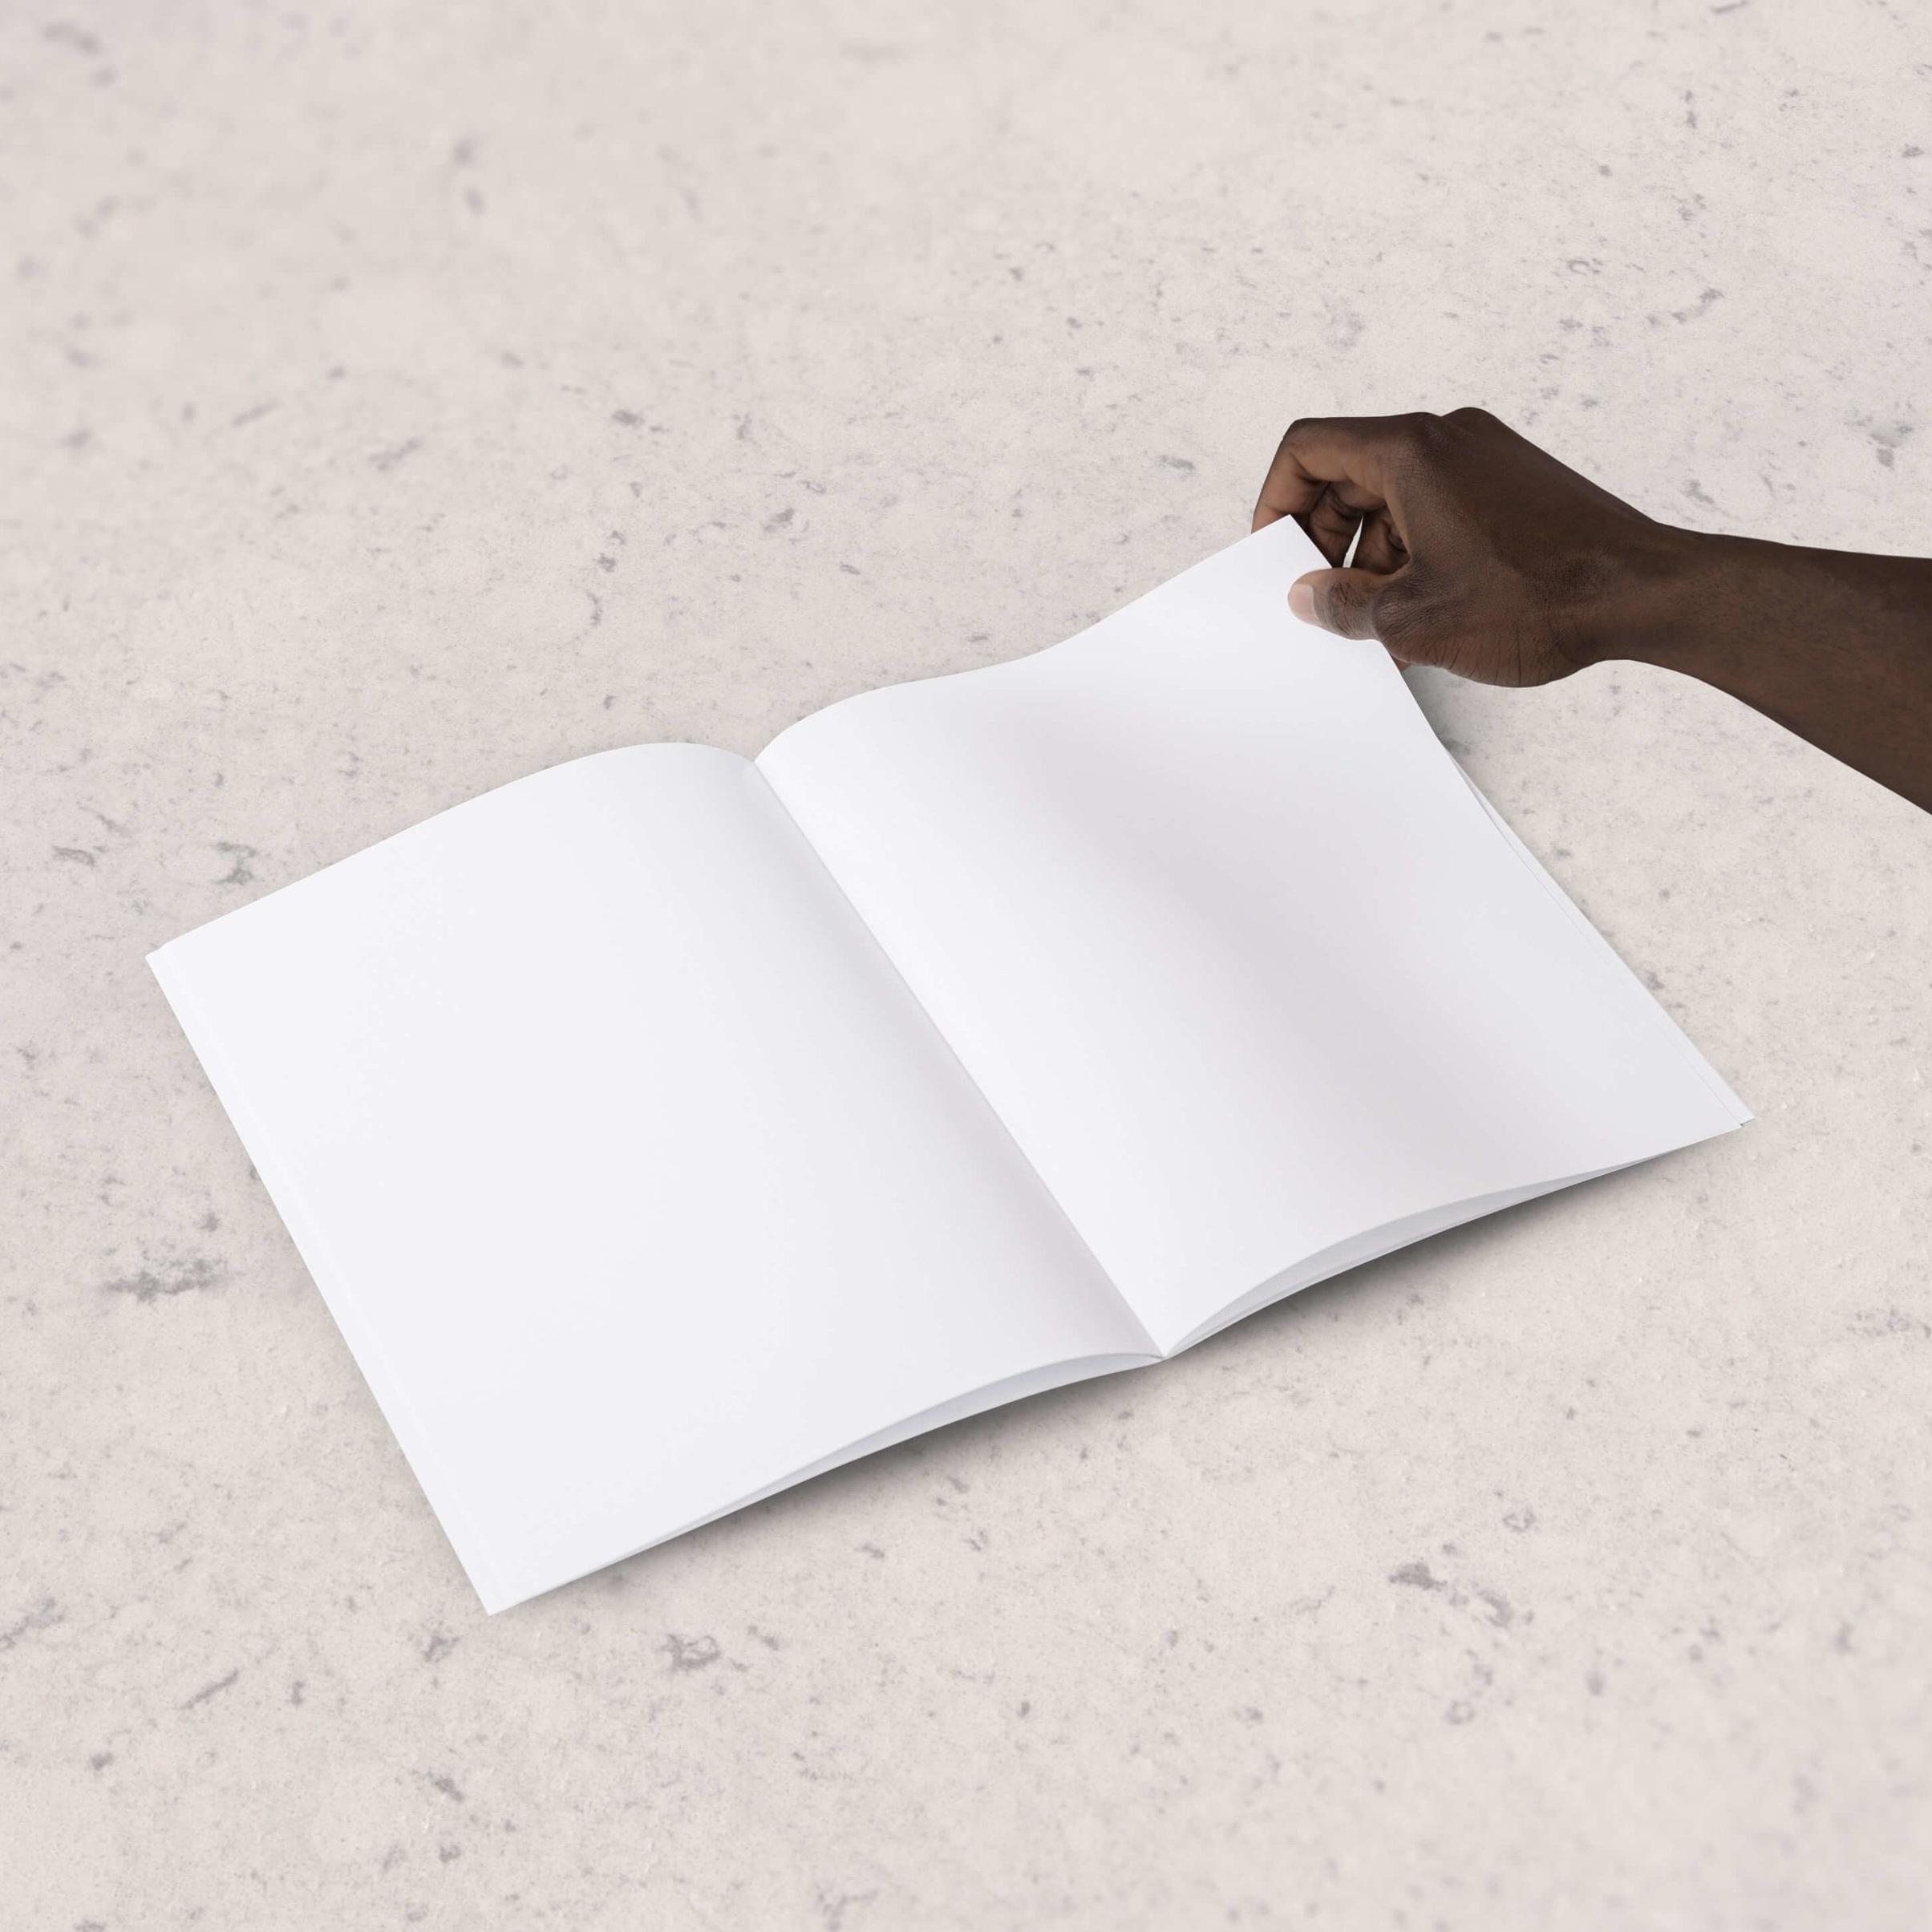 1. White Paper